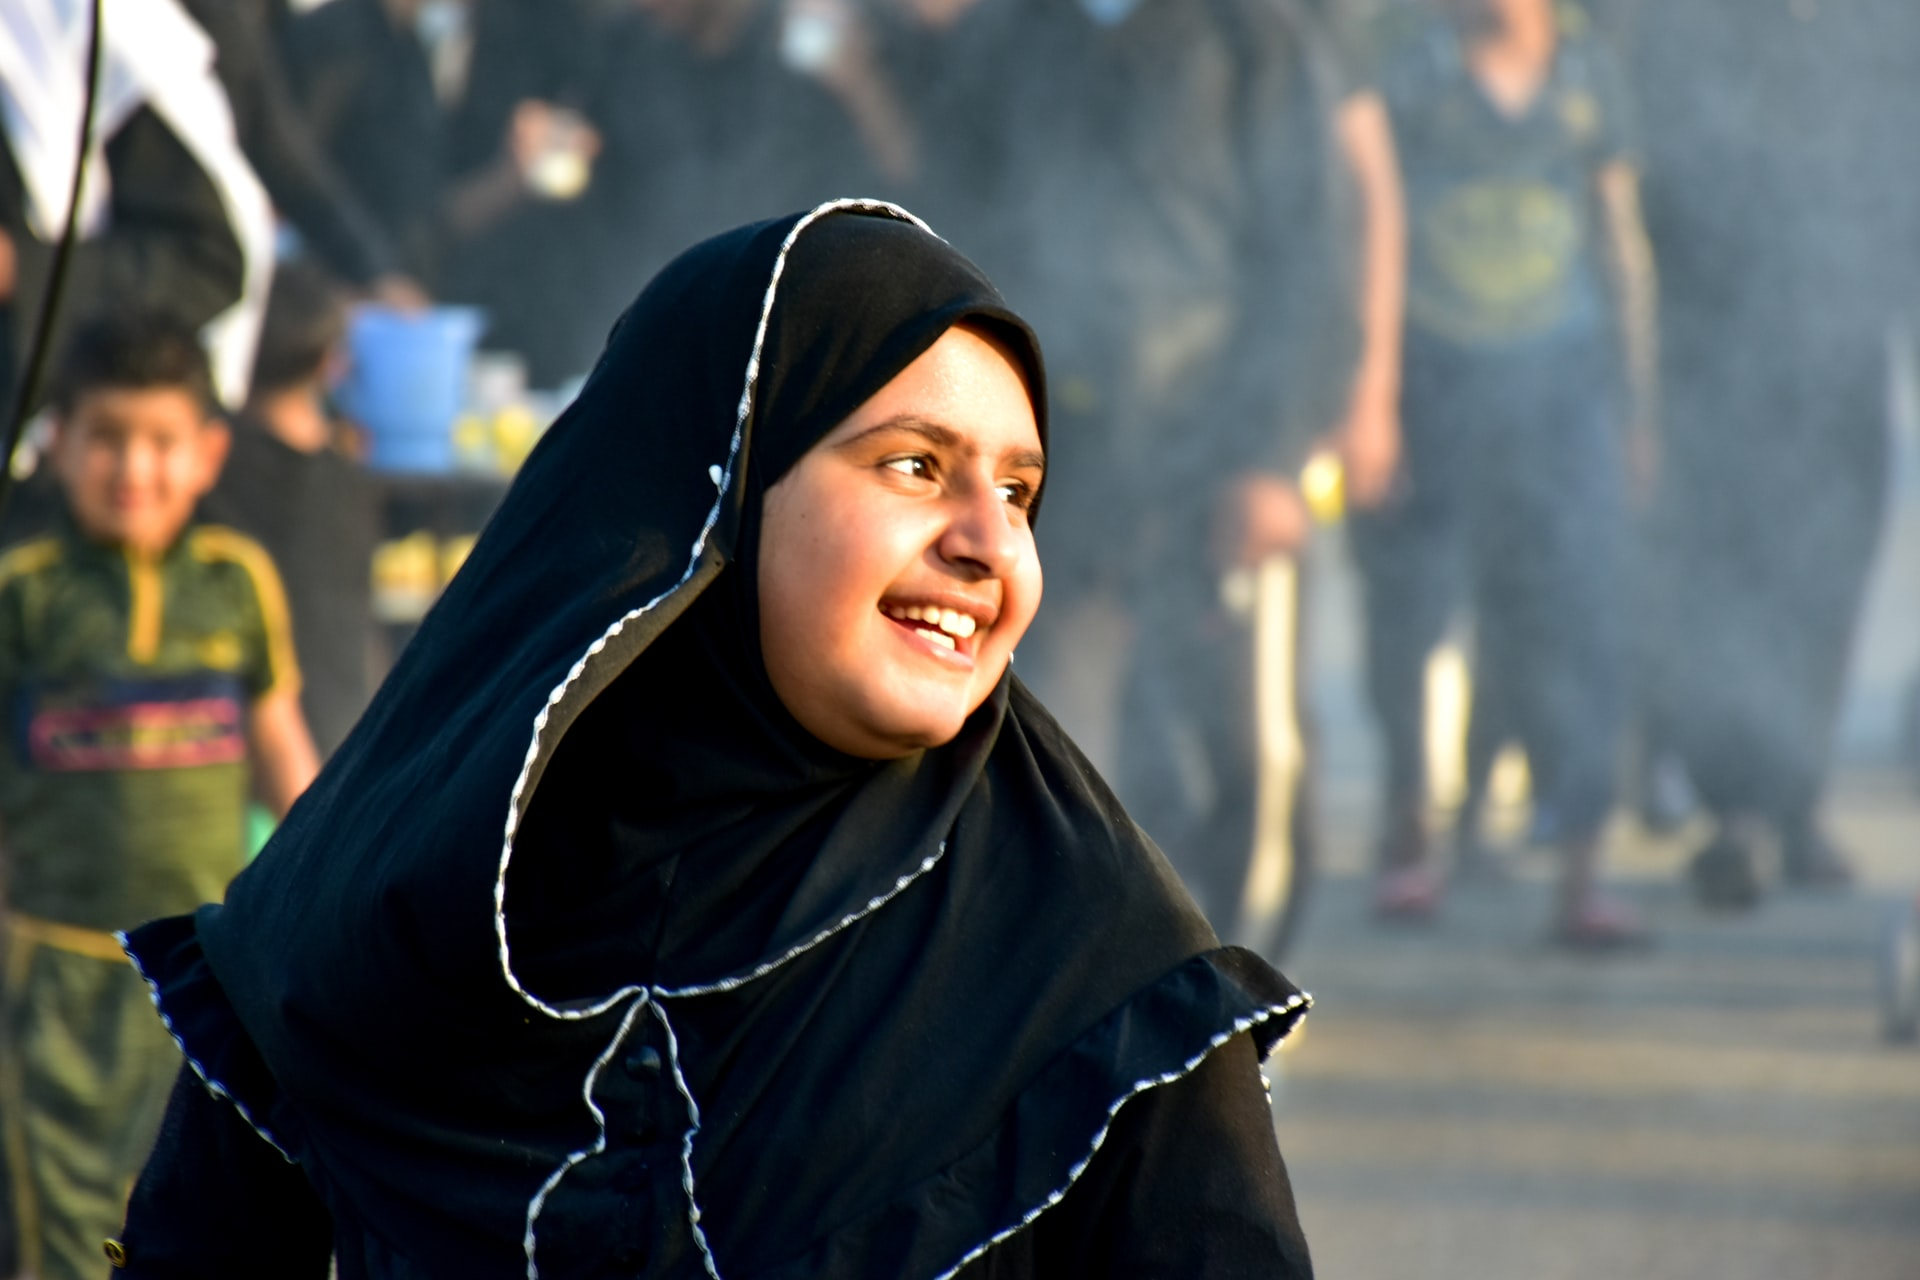 現在のイスラム教と女性の暮らし